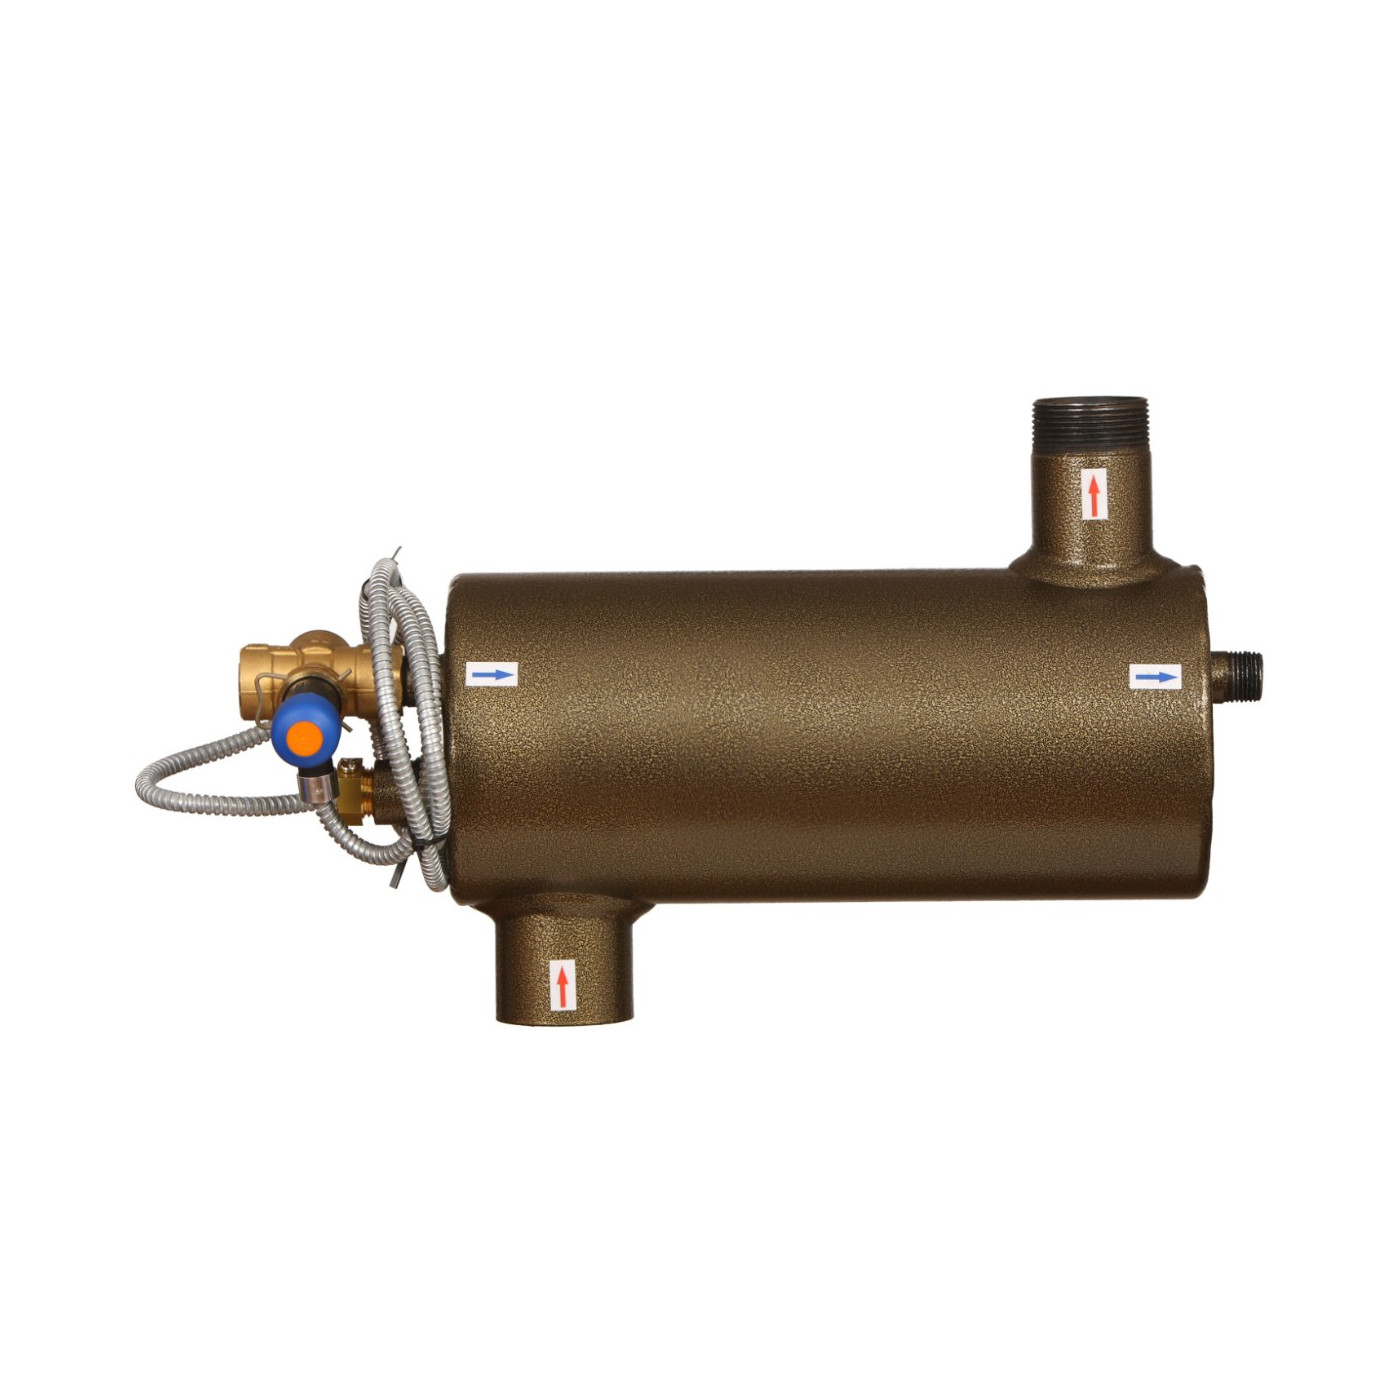 Sicherheitswärmetauscher, Thermische Ablaufsicherung Feststoffbrennkessel bis 45 kW